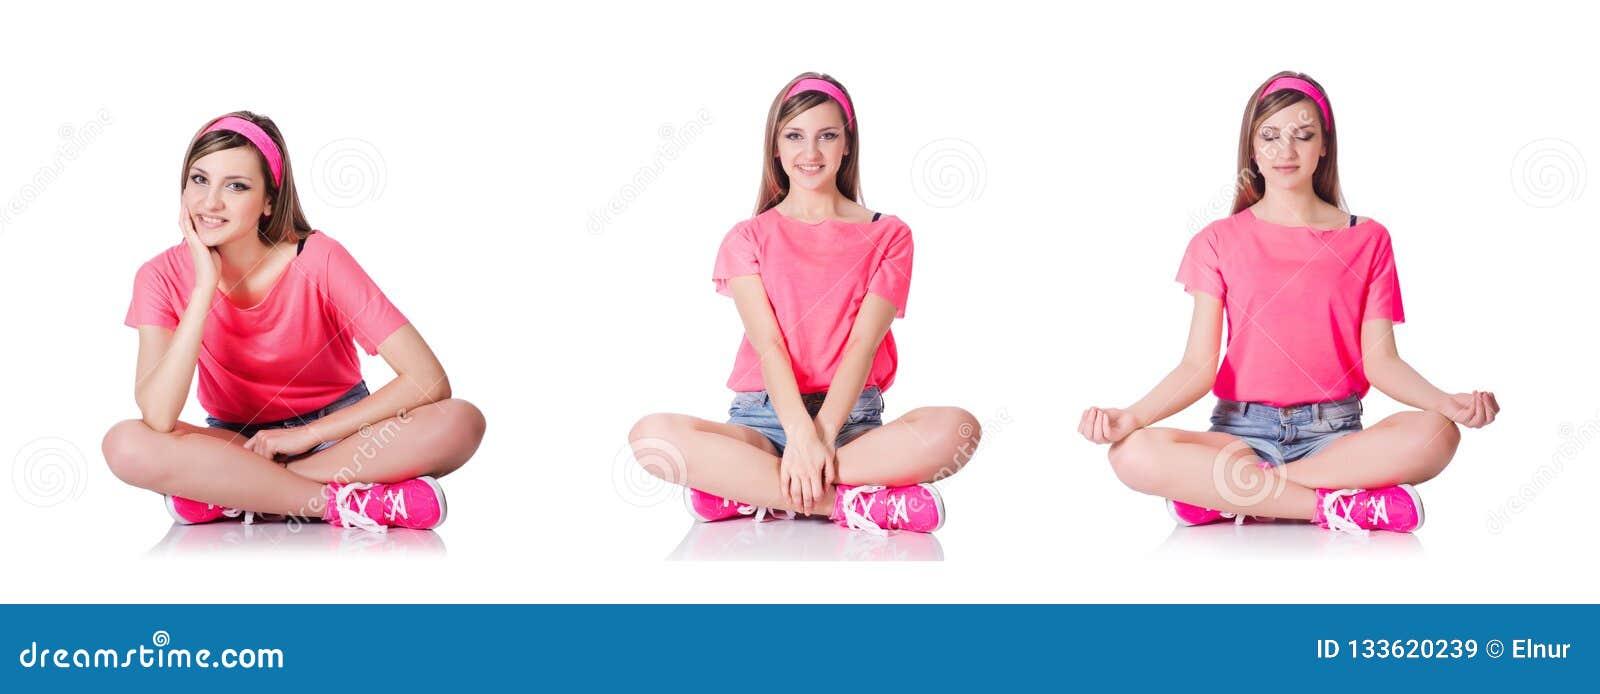 Die junge Frau, die Übungen auf Weiß tut